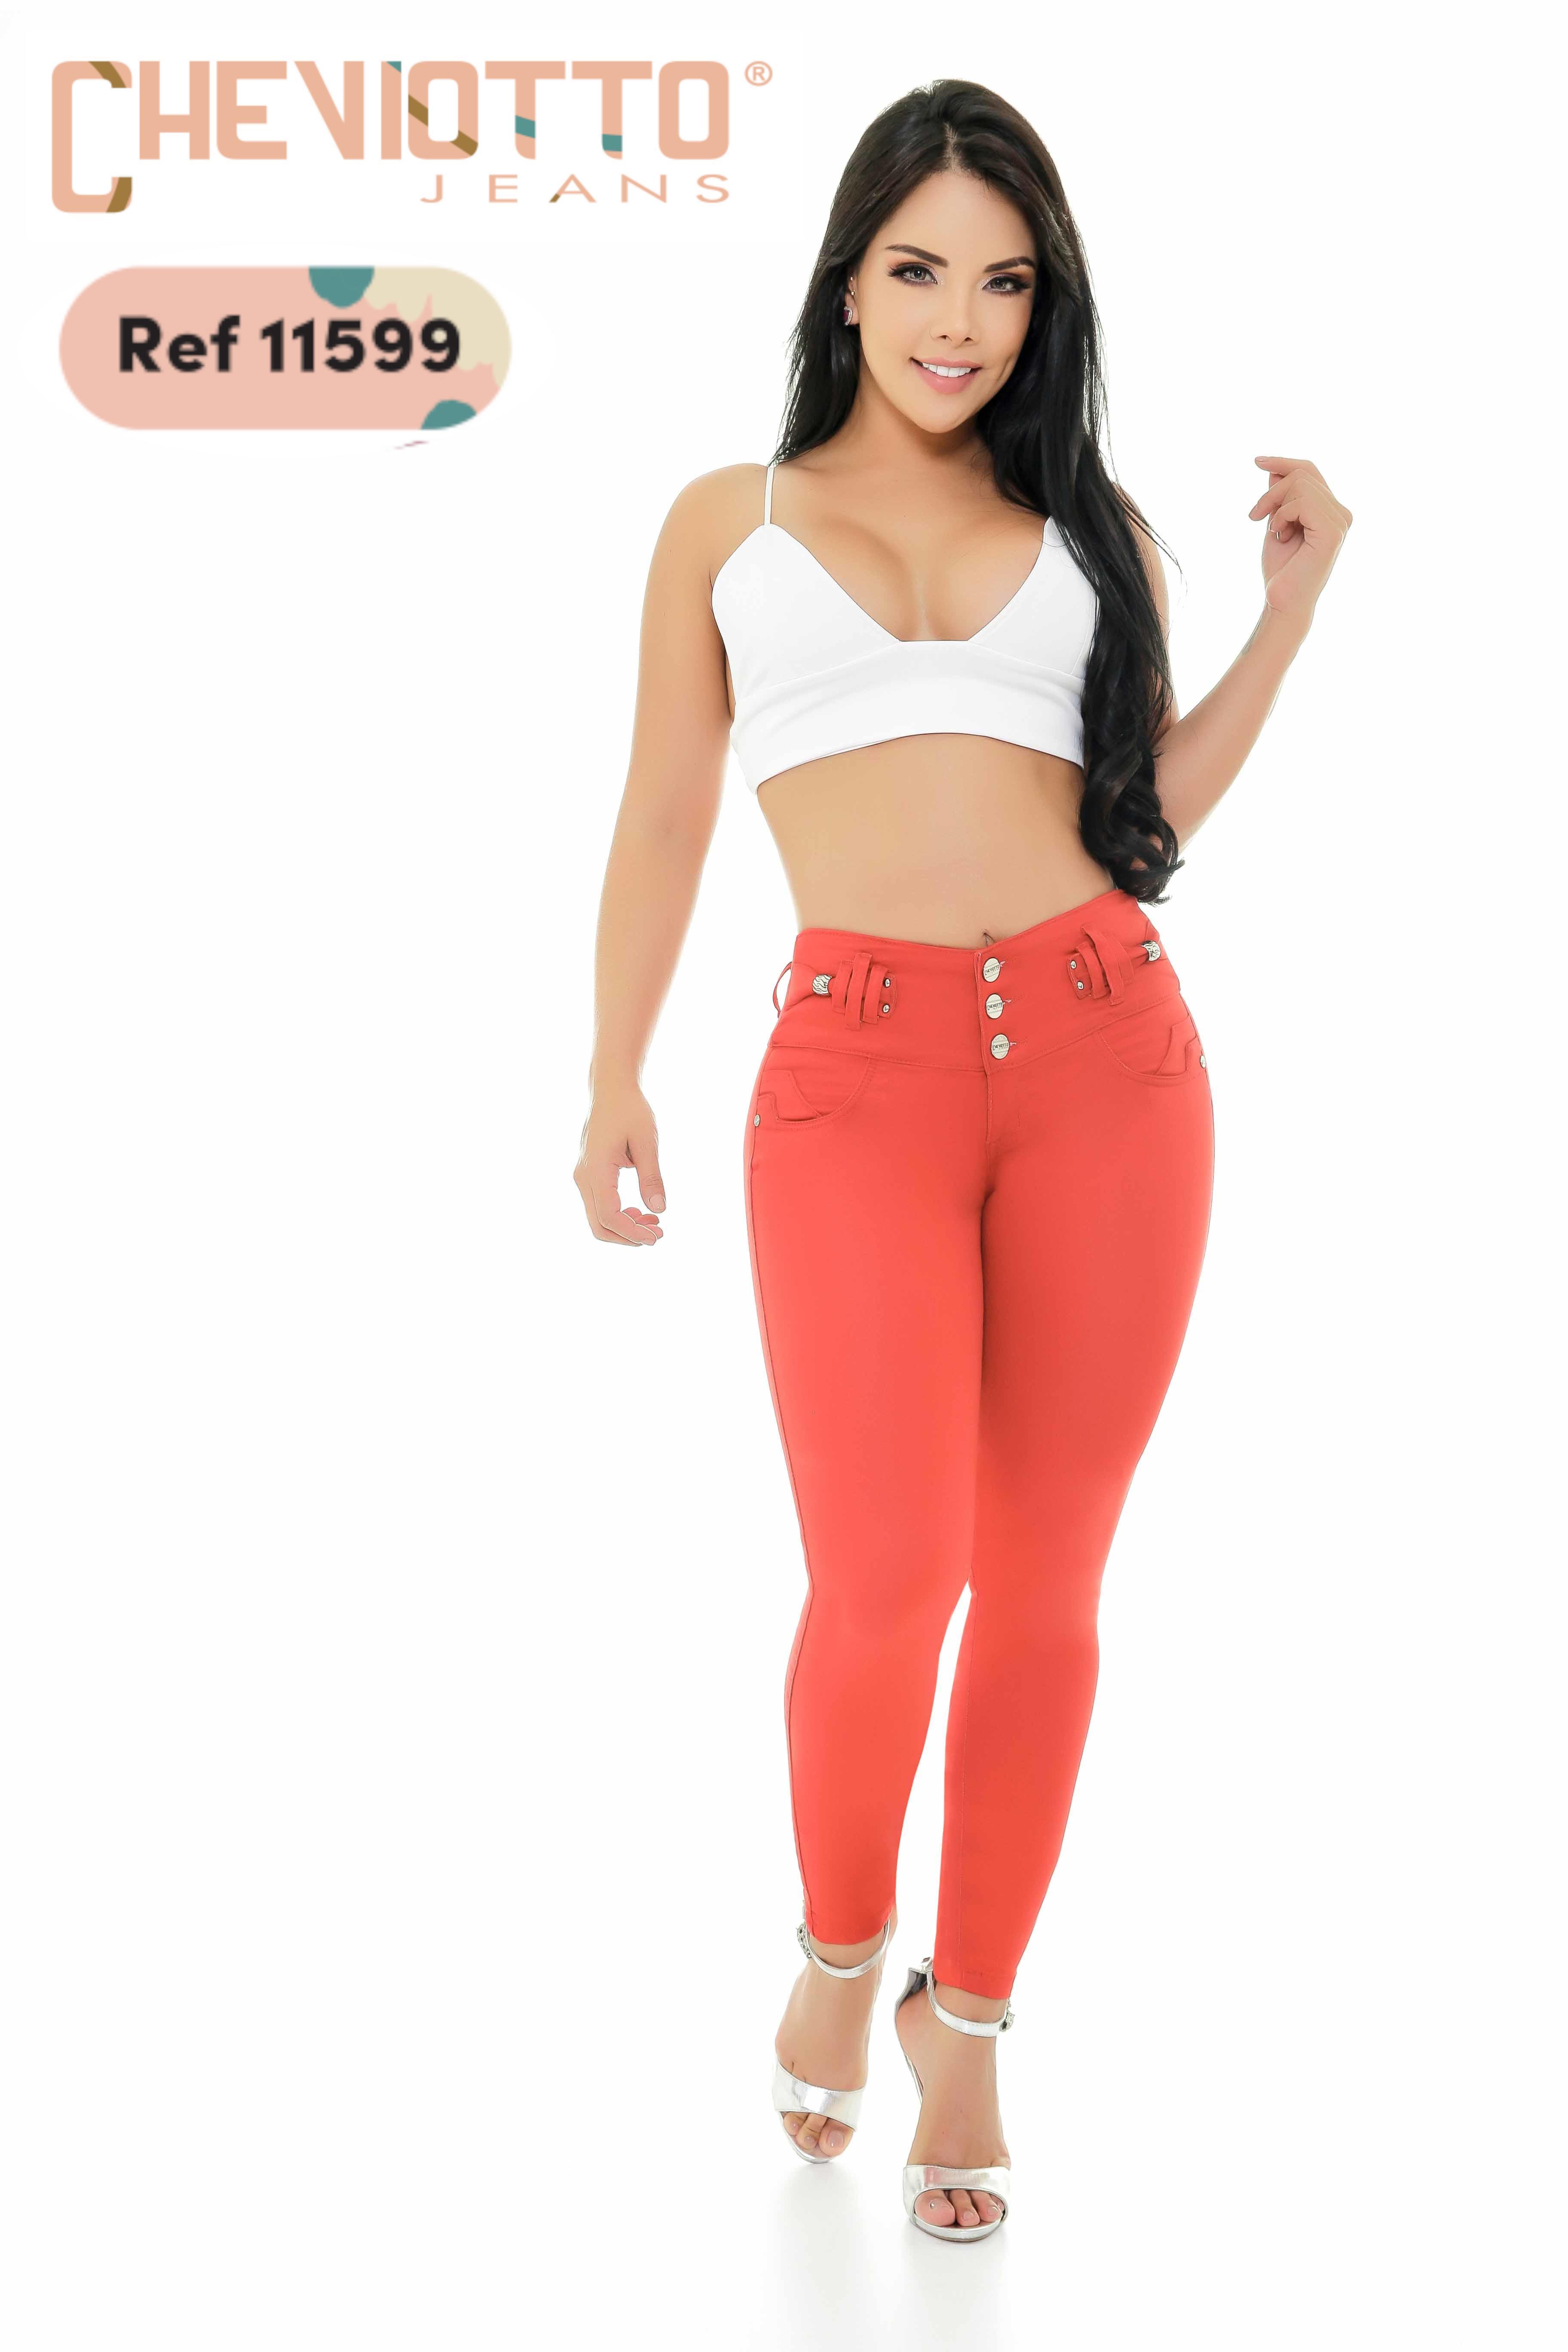 Jean Push Up Colombiano de Moda original Cheviotto